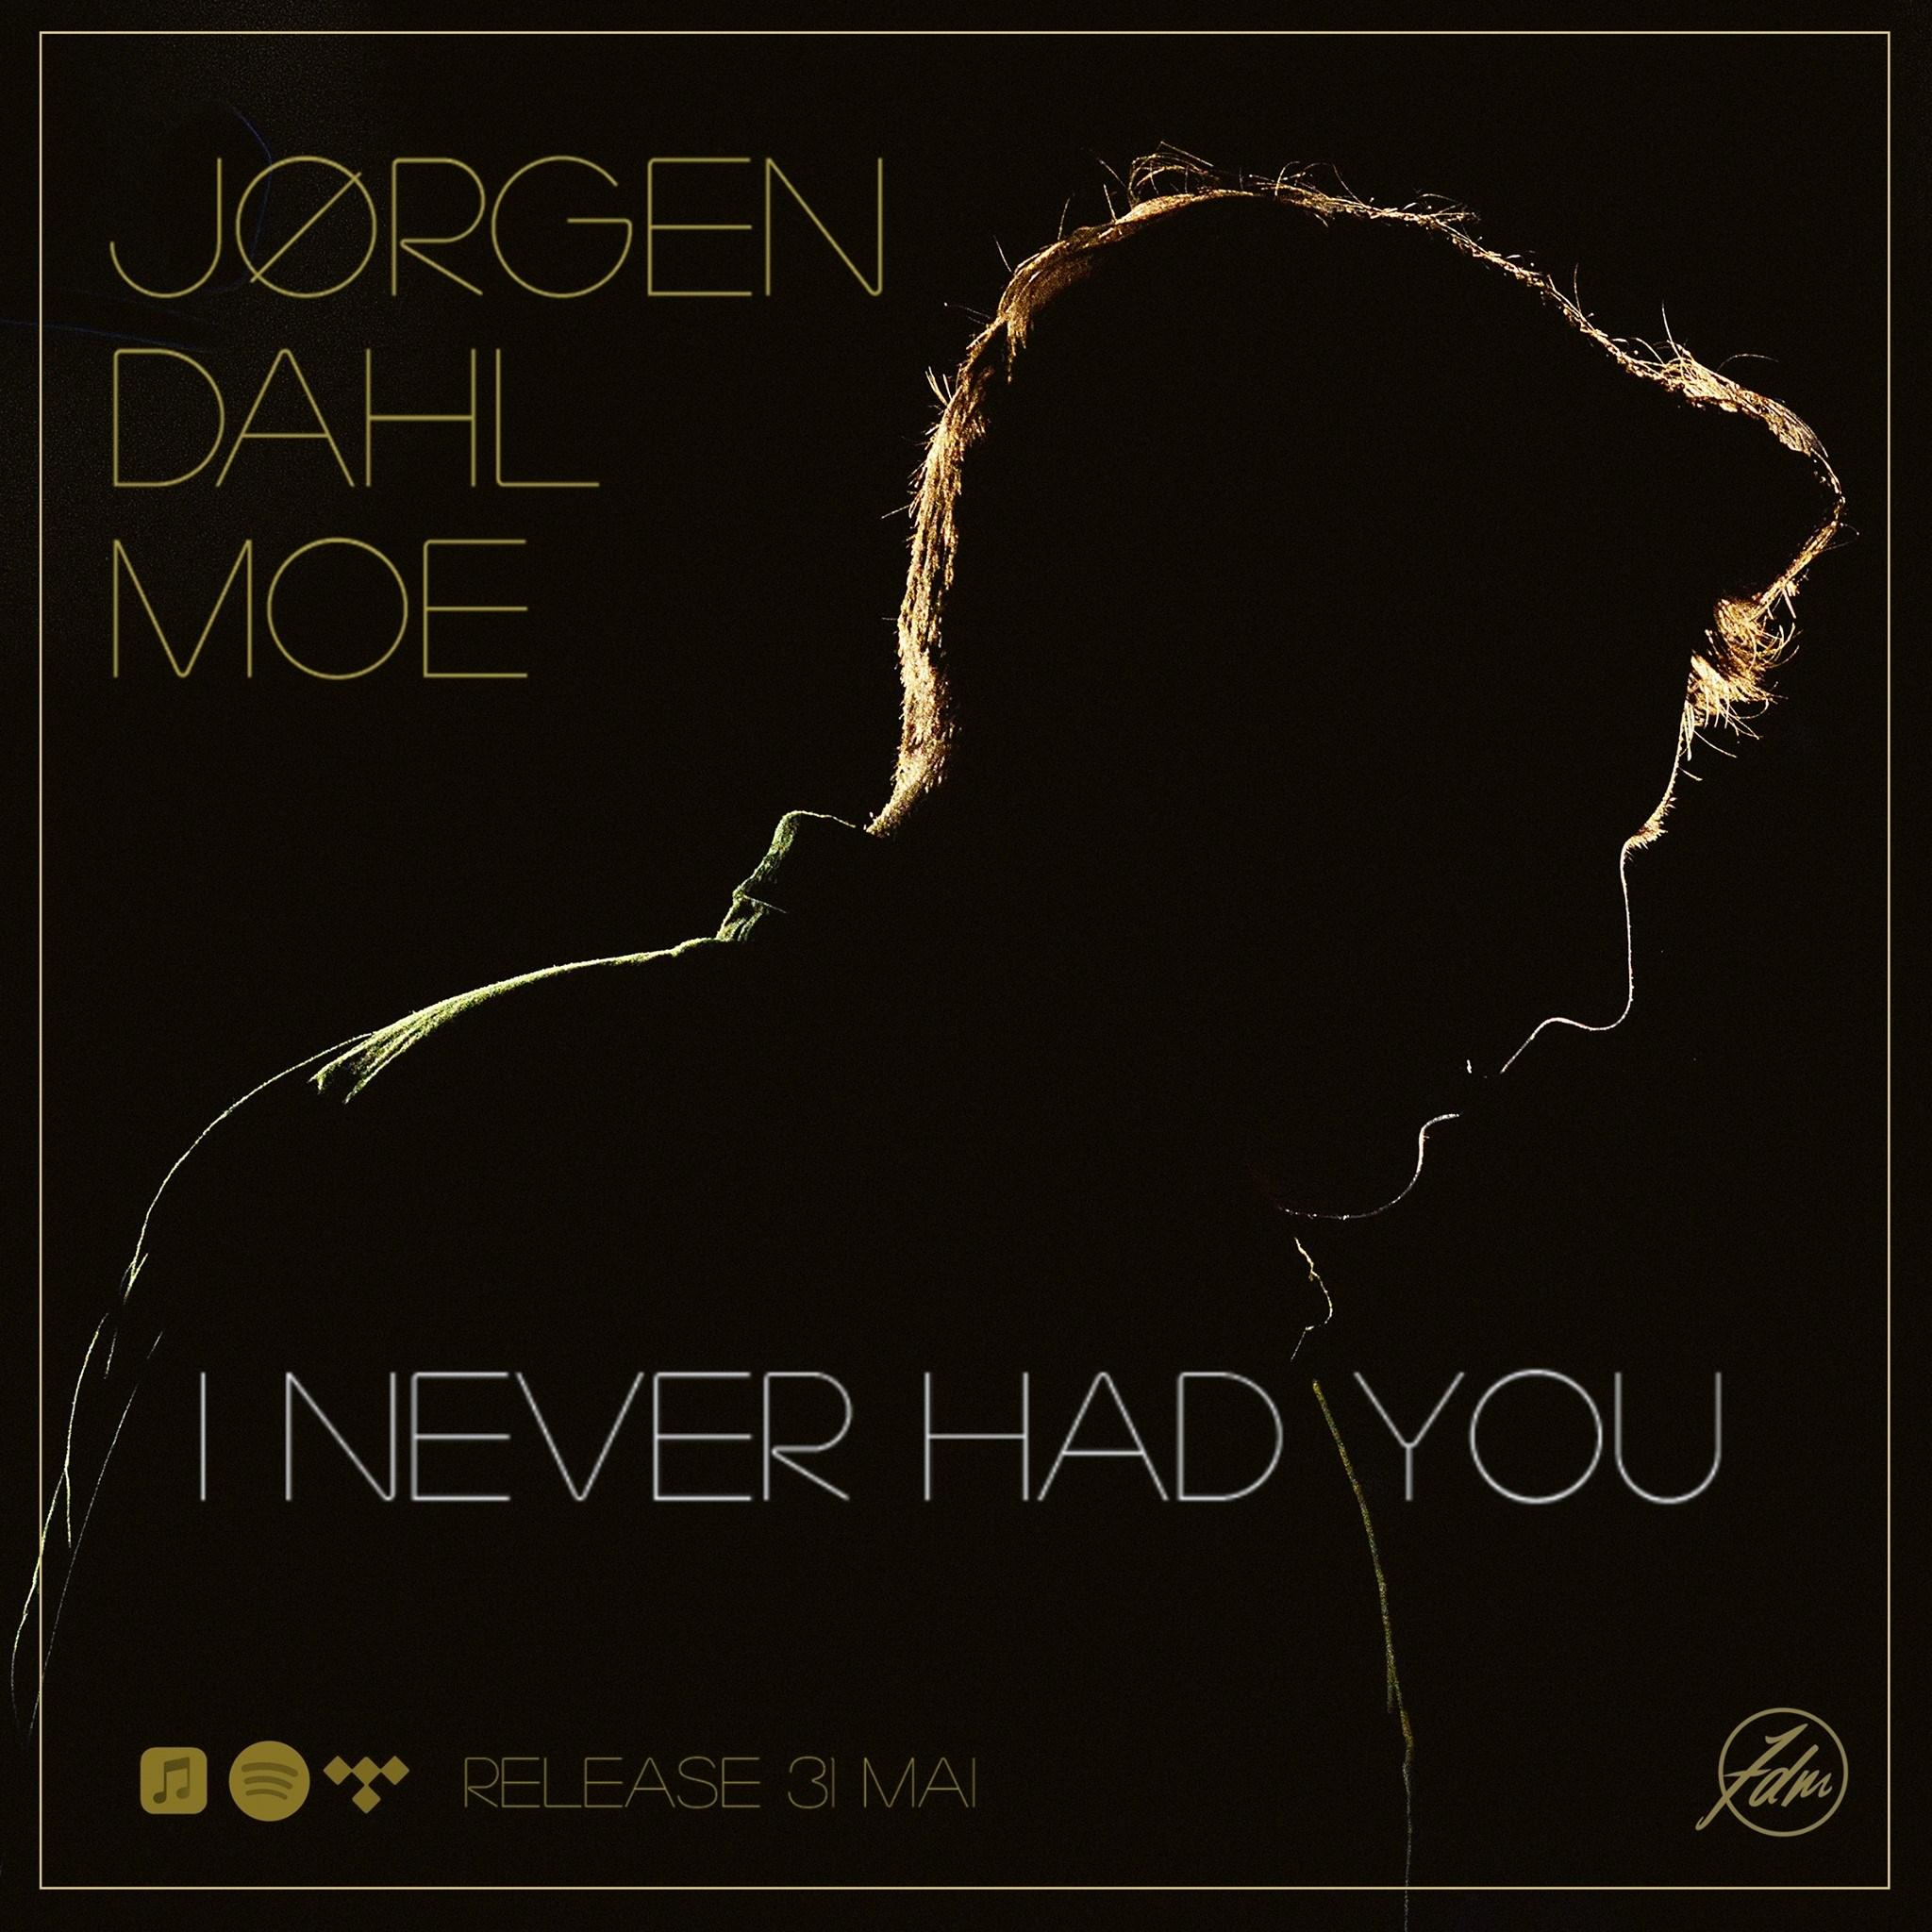 Jørgen Dahl Moe - I Never Had You